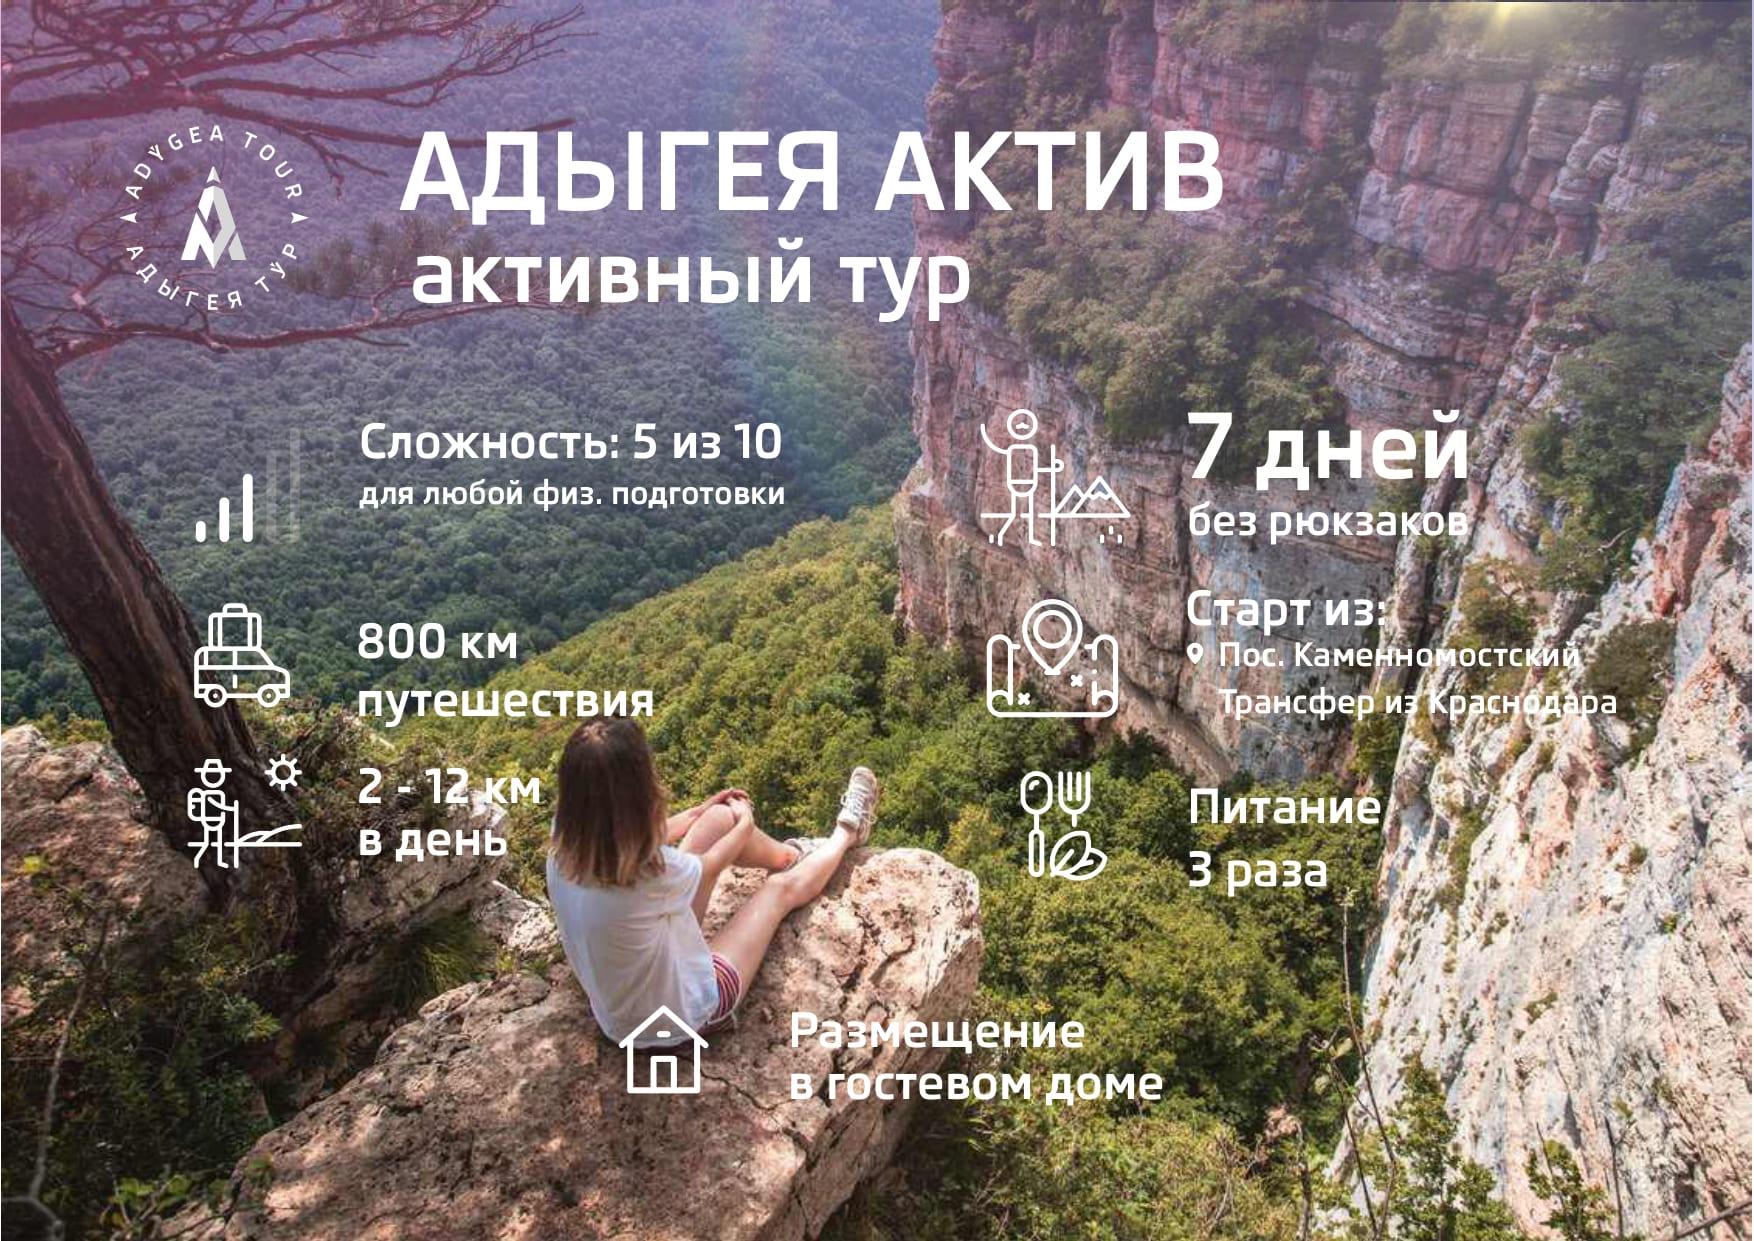 Адыгея активный тур_compressed (2)_page-0002